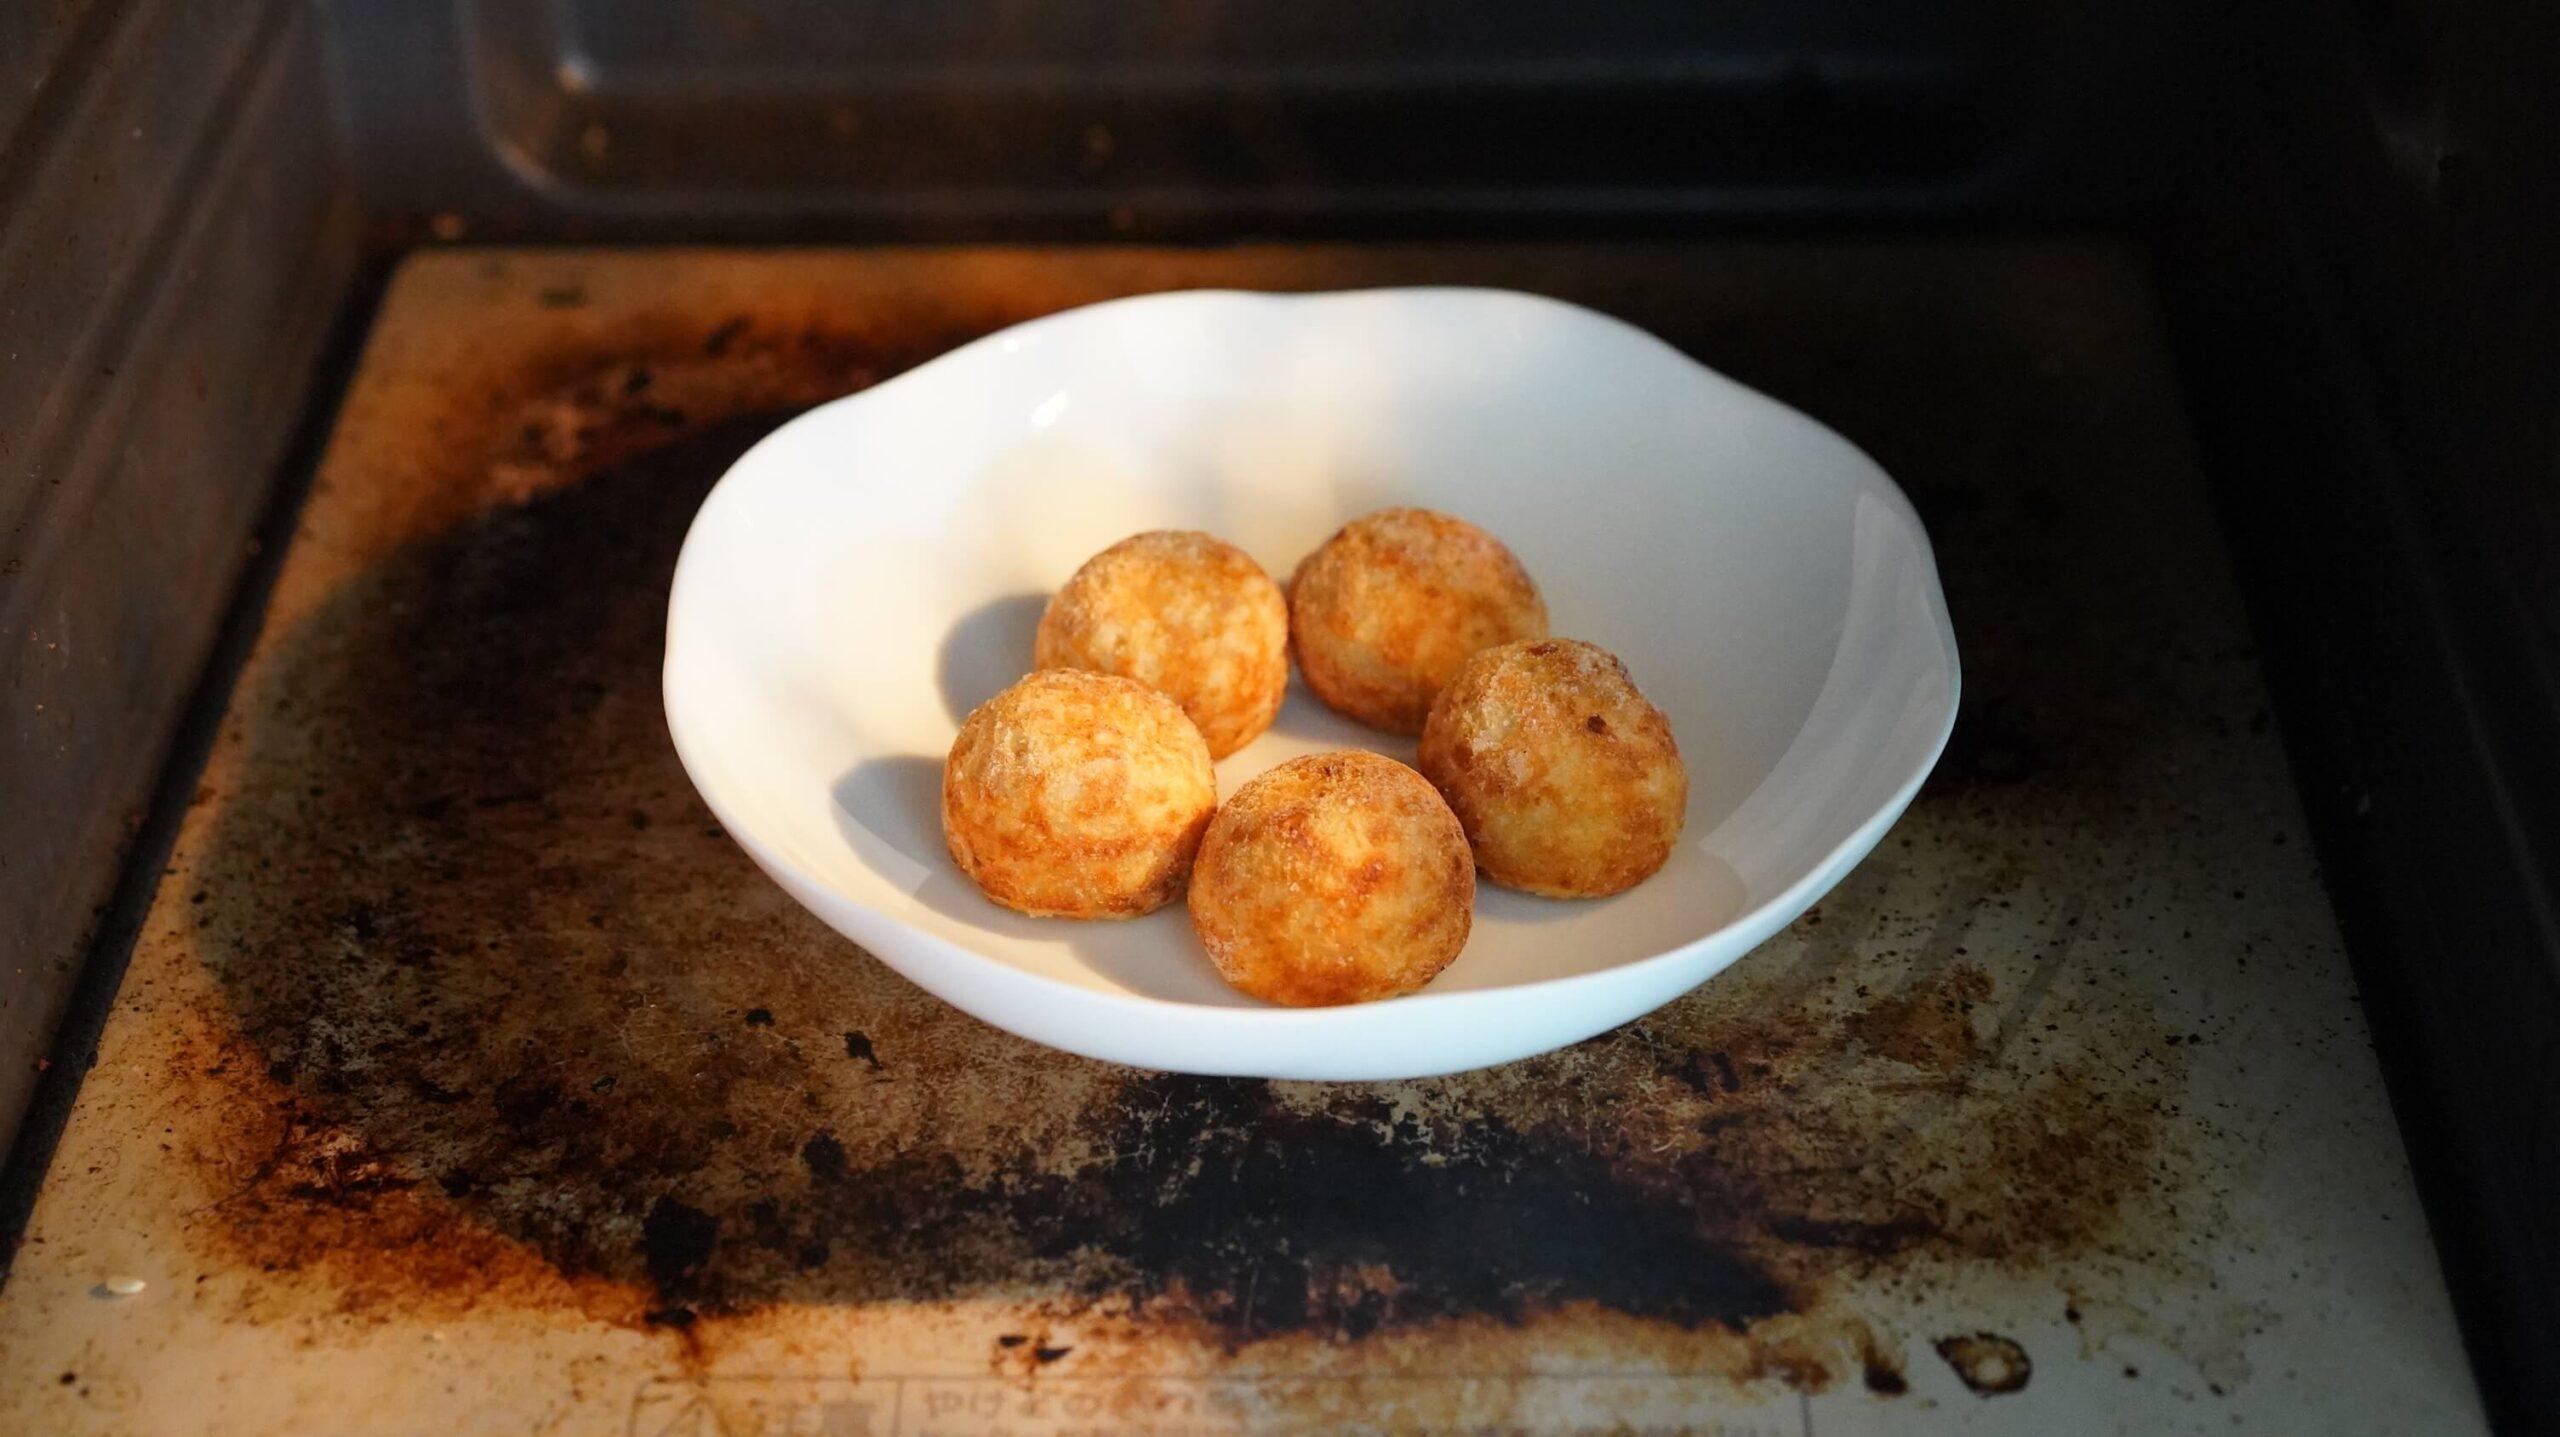 コストコの冷凍食品「たこ焼き」を電子レンジで加熱している写真